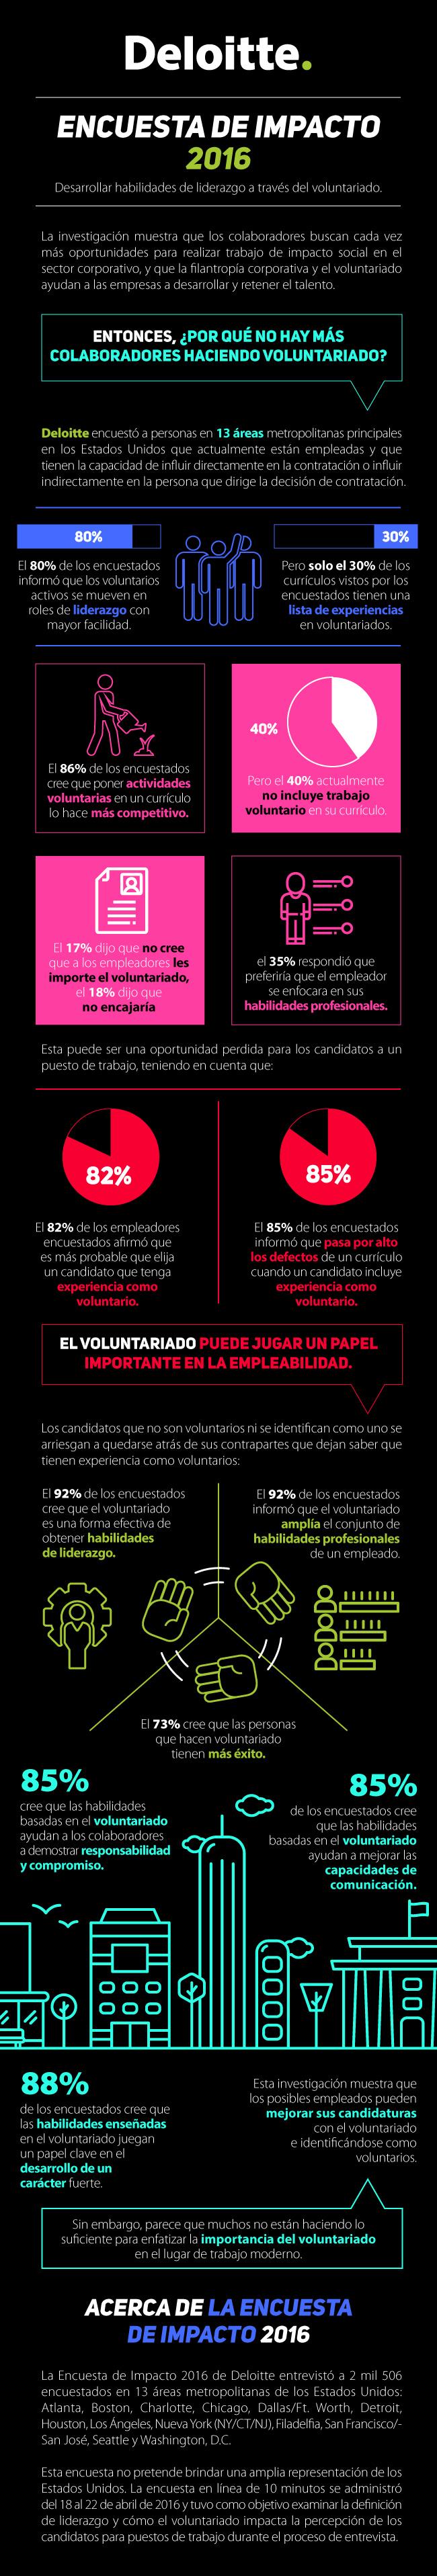 Infografia de Deloiite encuesta de impacto como el voluntariado fortalece el vinculo con la comunidad